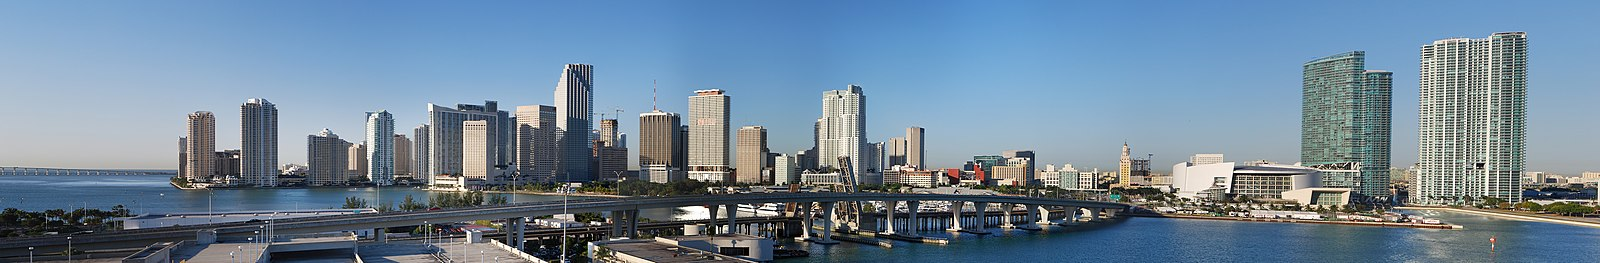 Панорама Мајамија